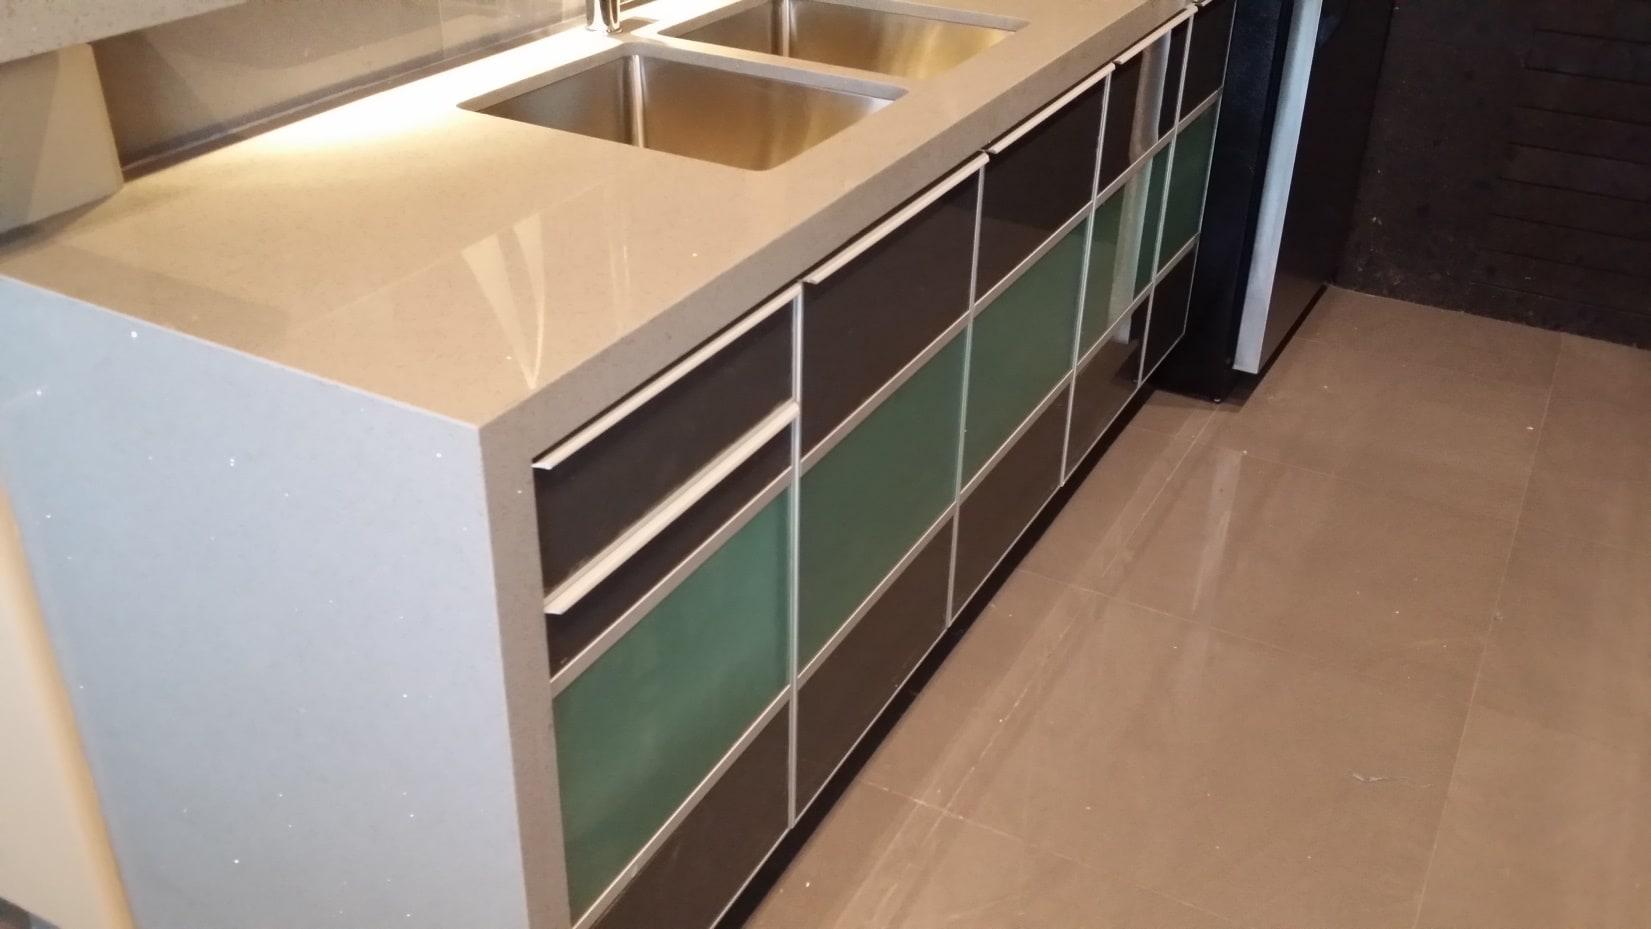 Cocina minimalista con laminado alto brillo y vidrio arenado